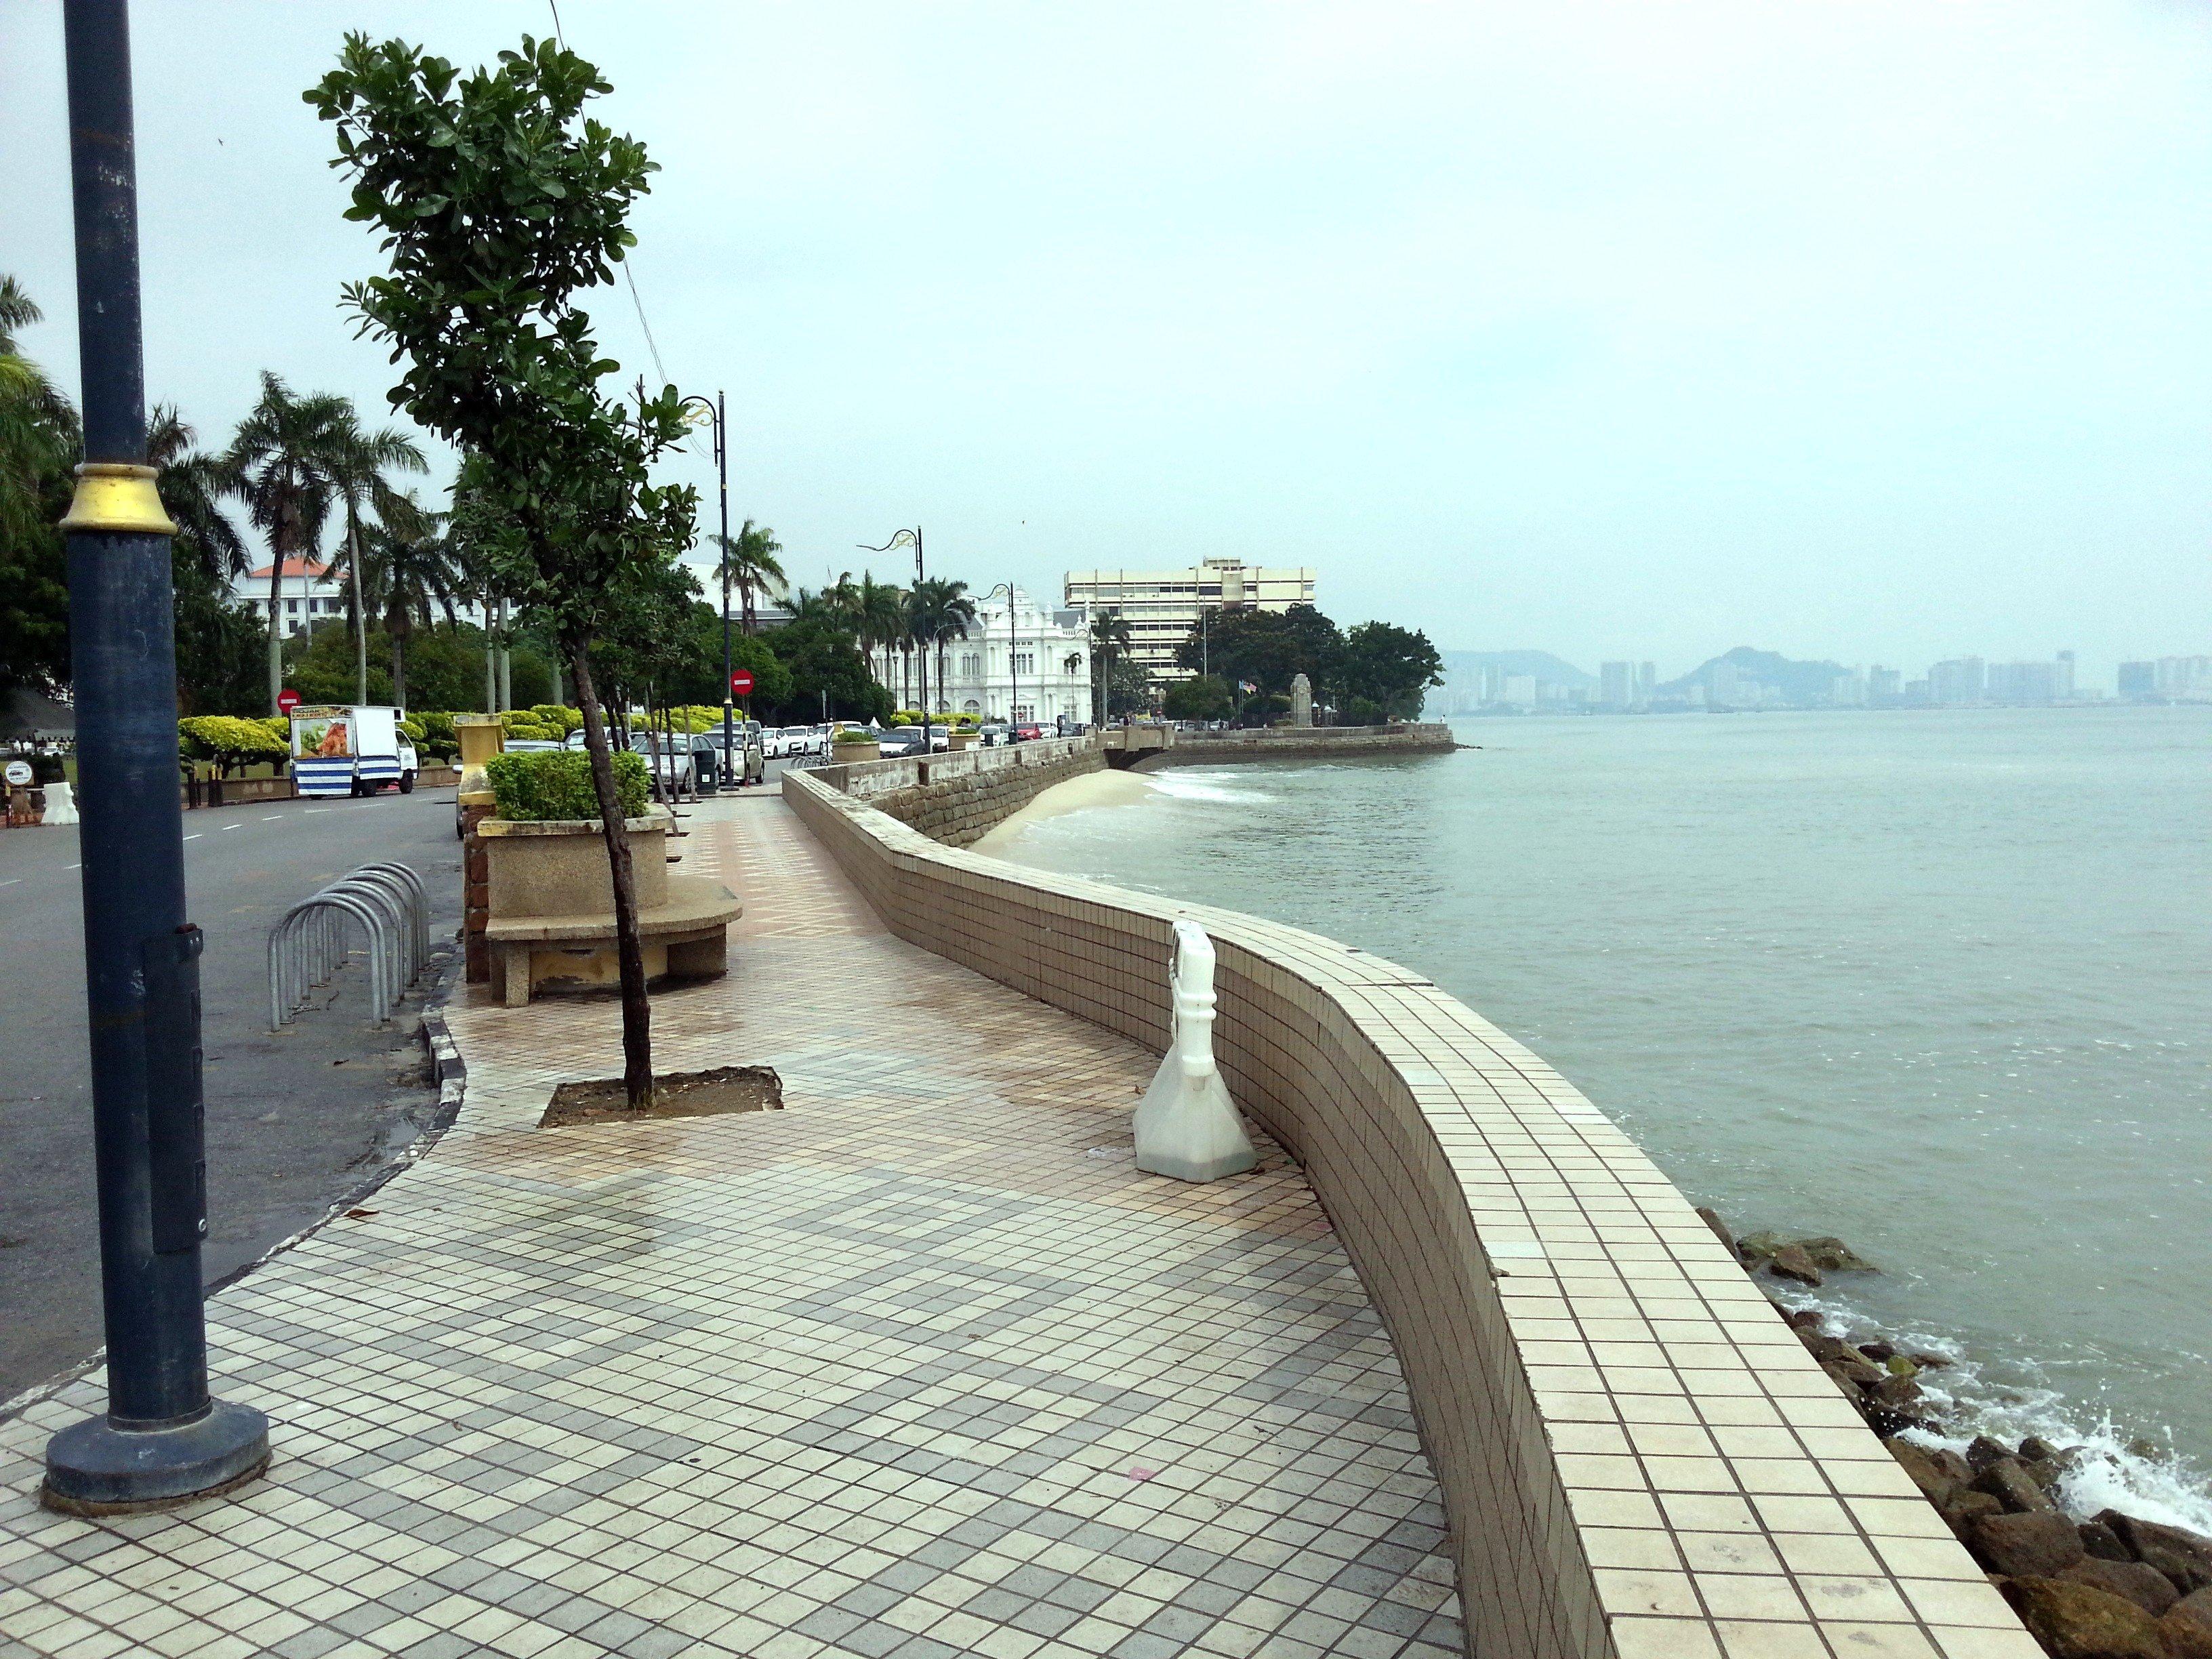 Espanlade in George Town, Penang